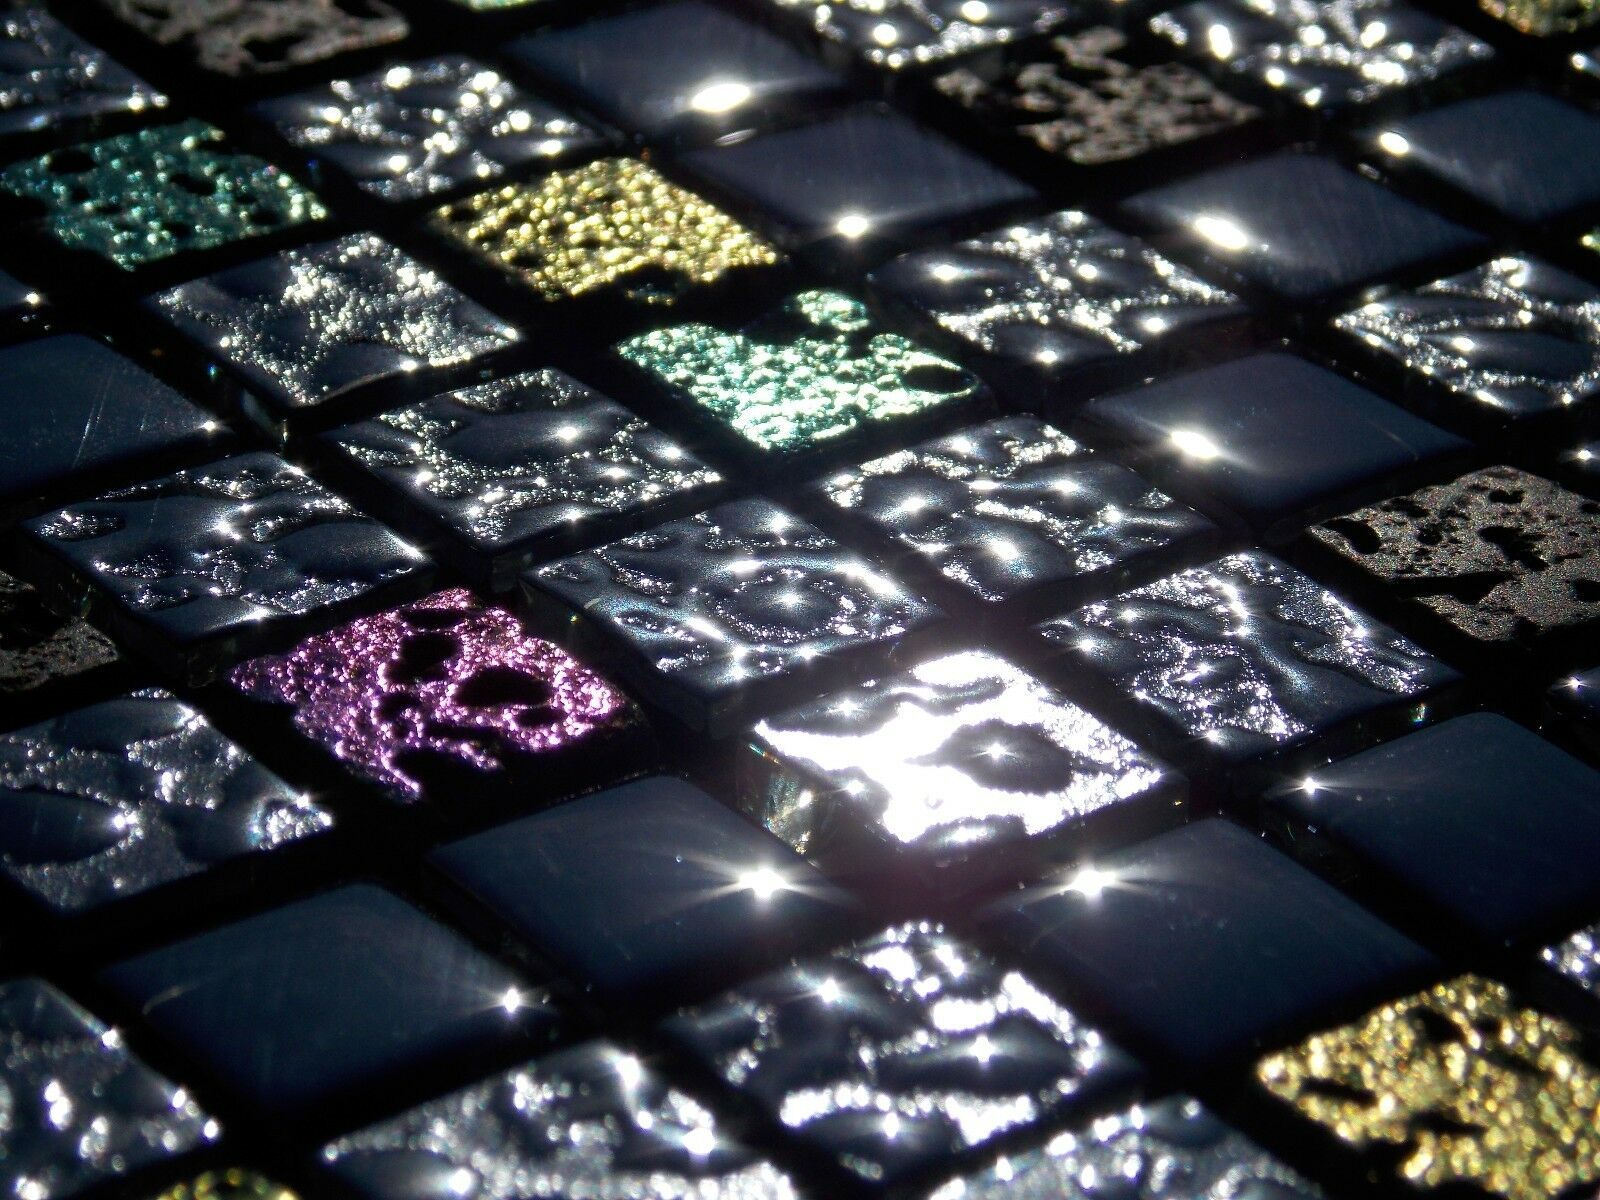 Glasmosaik naturstein marmor fliesen schwarz gr n pink gold perlmutt mosaik 8mm eur 13 95 - Marmorfliesen schwarz ...